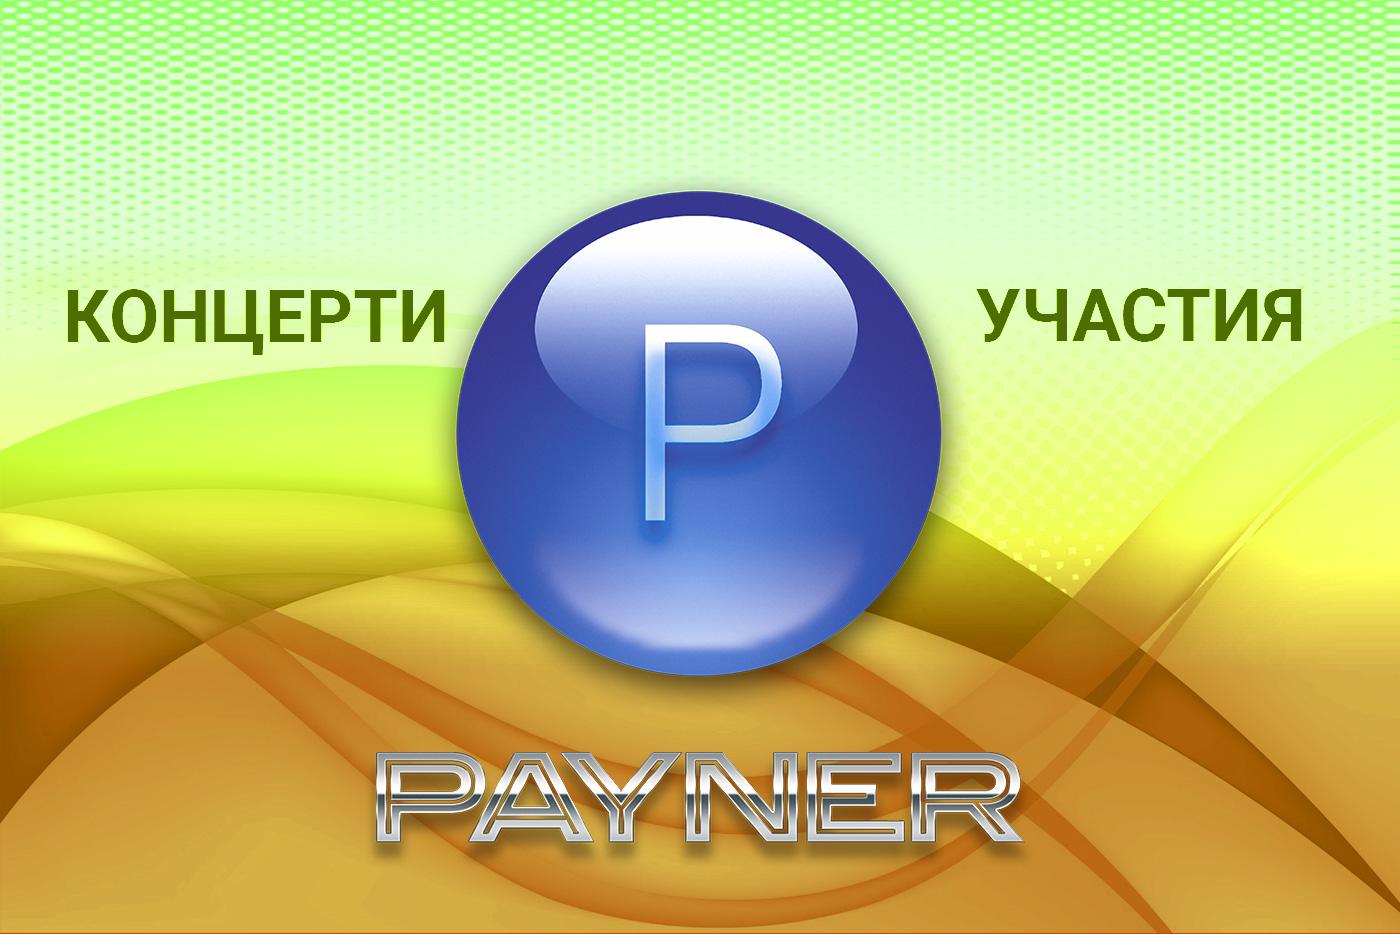 """Участия на звездите на """"Пайнер"""" на 09.06.2019"""